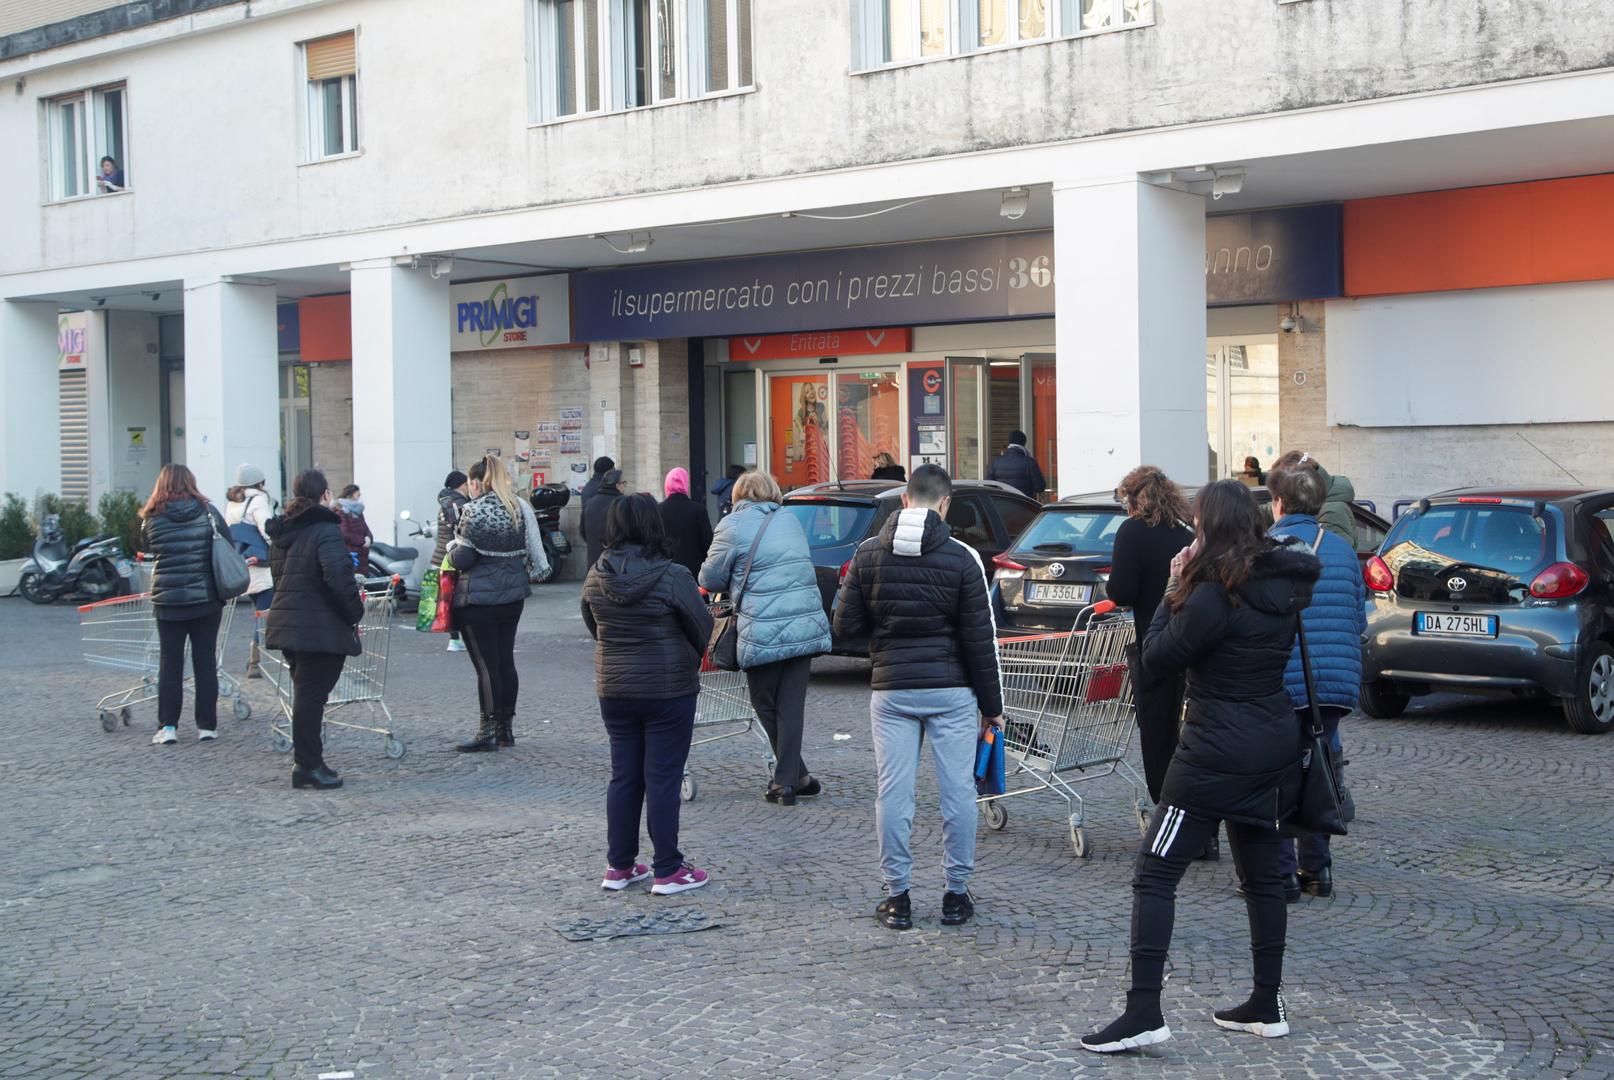 Menschen warten in der Schlange, um Lebensmittel und Waren zu kaufen, nachdem  in Neapel eine Ausgangssperre verordnet wurde